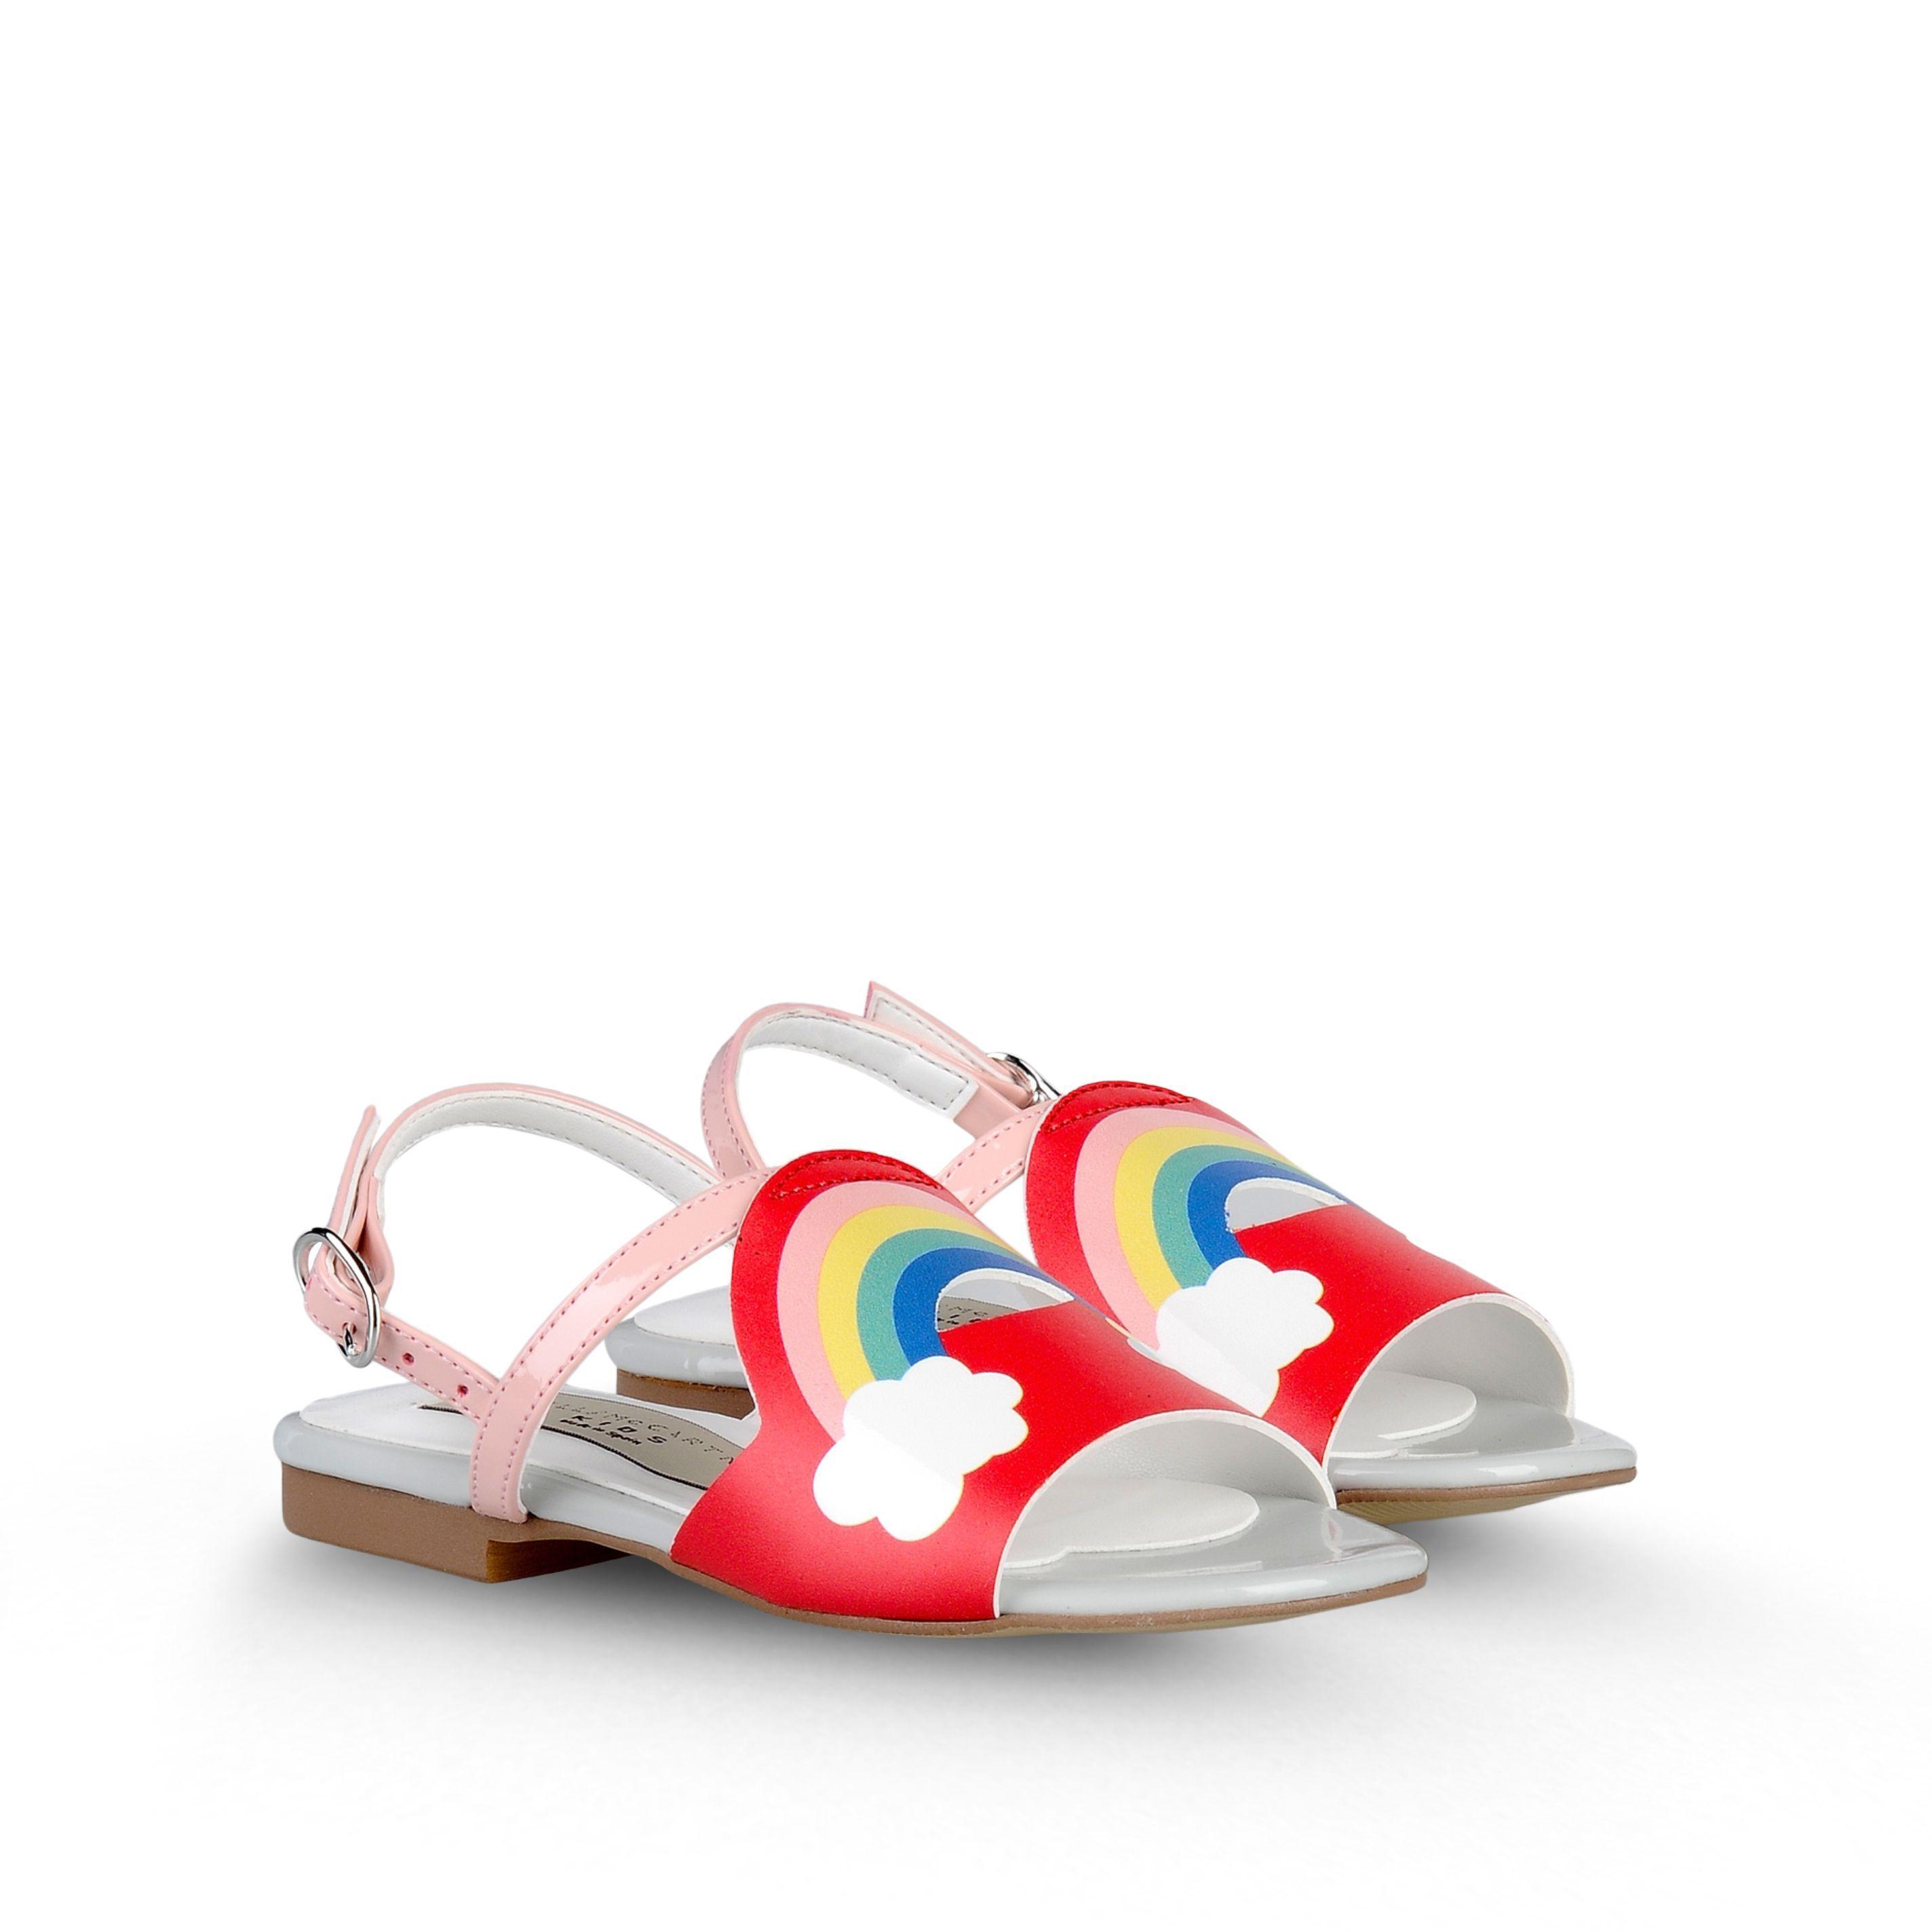 Stella Mccartney Kids - SANDALES AVEC ARC EN CIEL PENNY (TAILLE 31 37) - Sur la boutique Online officielle